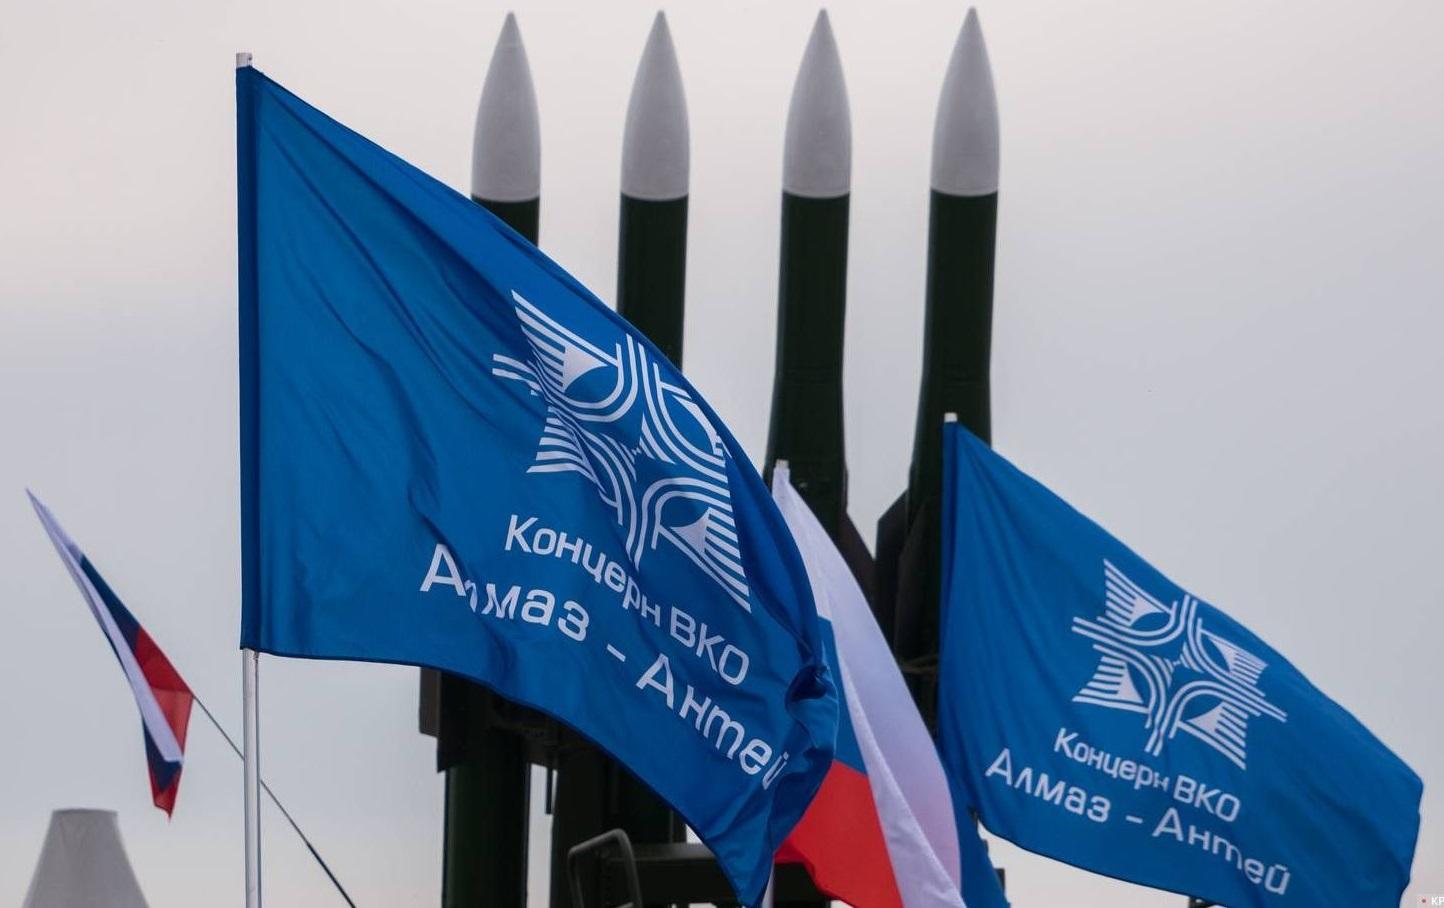 Российские псевдо-СМИ развернули информационную атаку на «Алмаз-Антей»